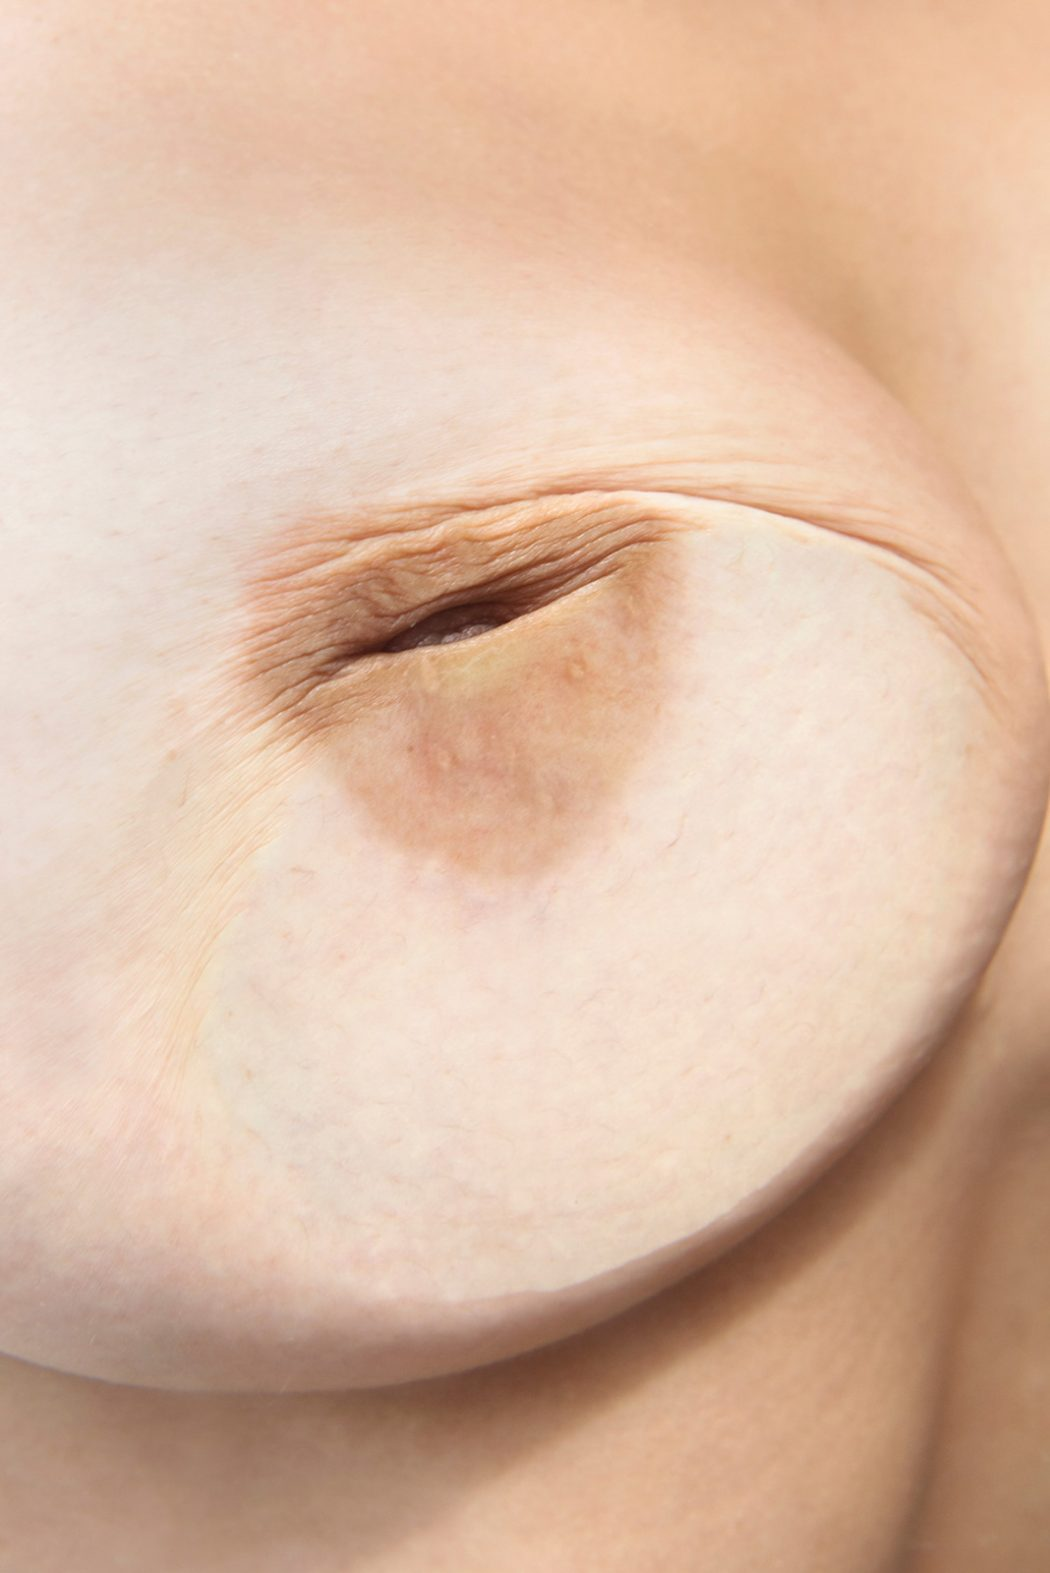 Soft Tissue, un'inaspettata sensualità femminile | Collater.al